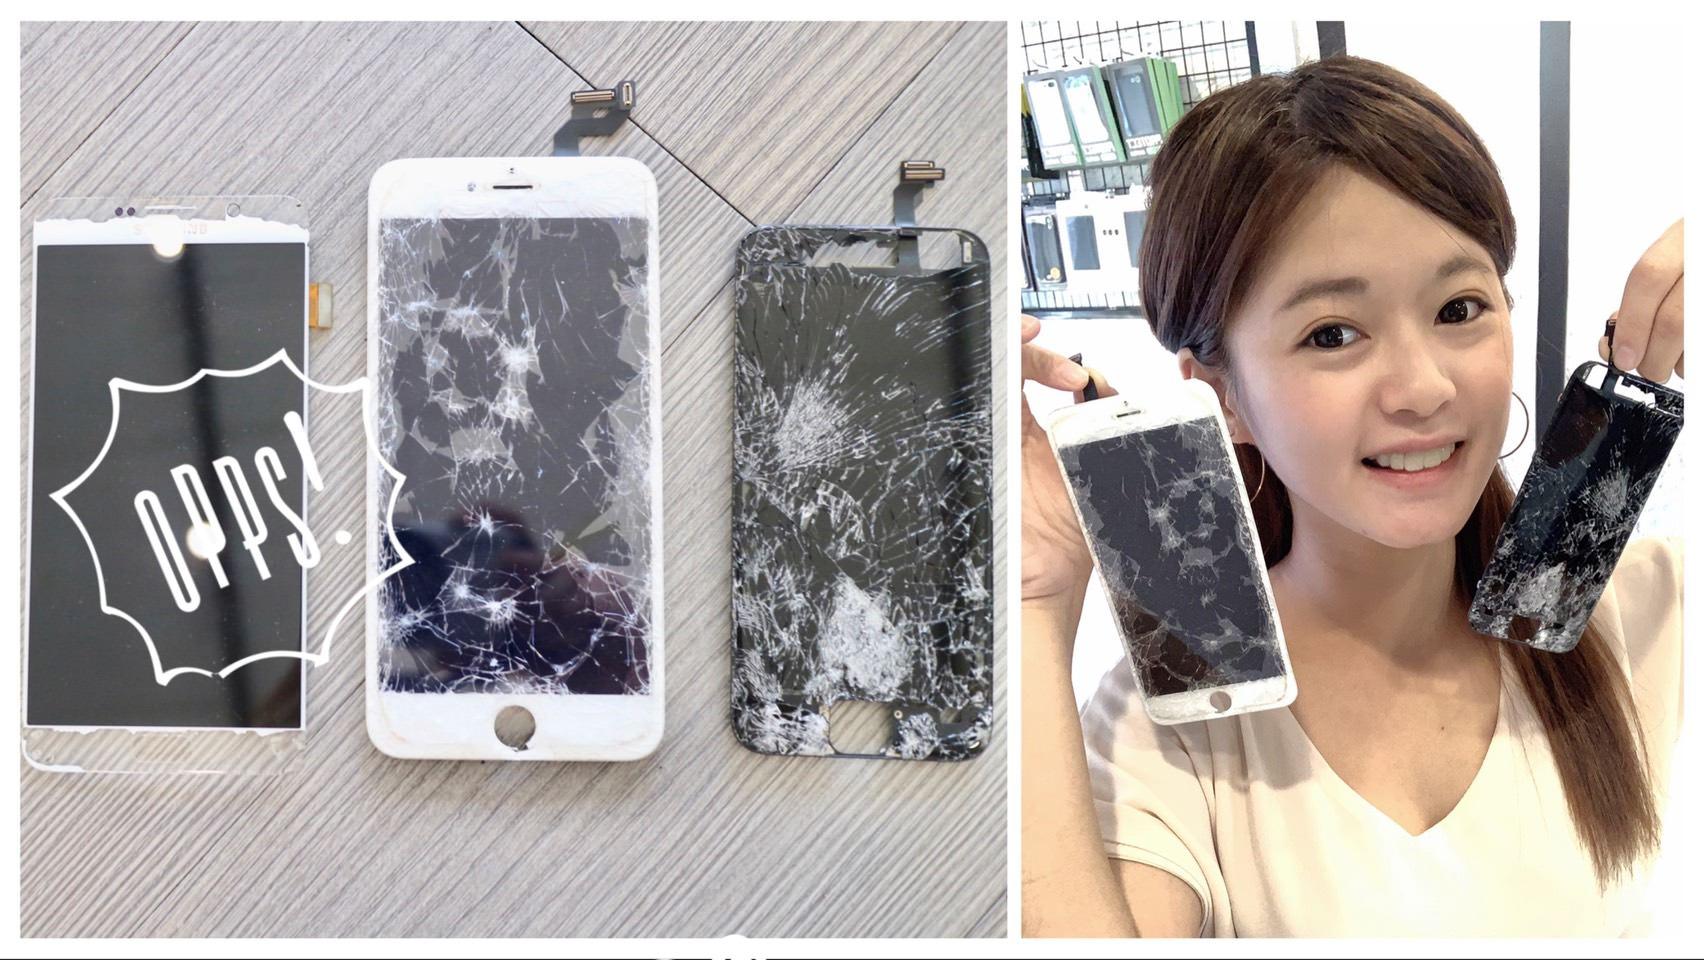 中壢iPhone維修推薦-FIX WORKER 價格公道、螢幕破裂、泡水檢測、故障檢測、無法開機、無法充電、電池更換皆有維修,給手機最安心的保障。